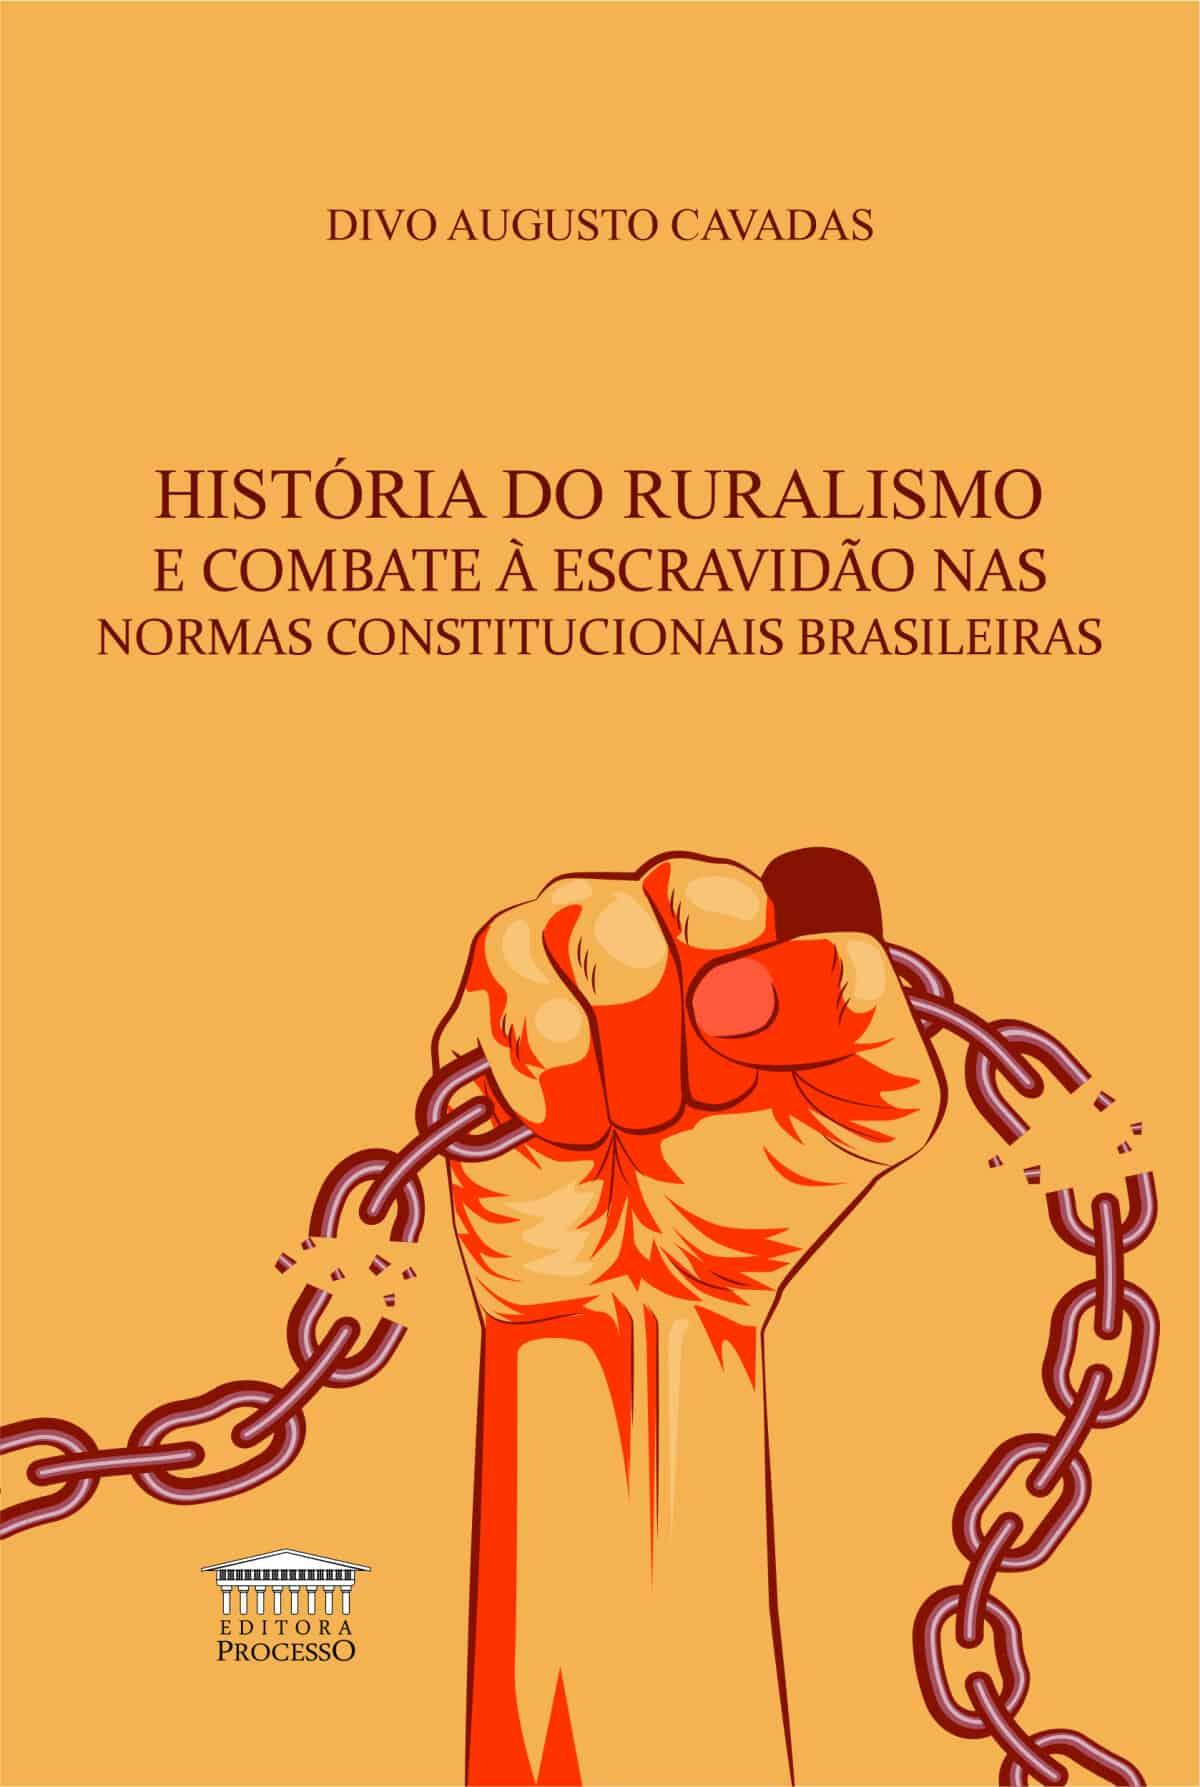 Foto 1 - História do Ruralismo e Combate à Escravidão nas Normas Constitucionais Brasileiras